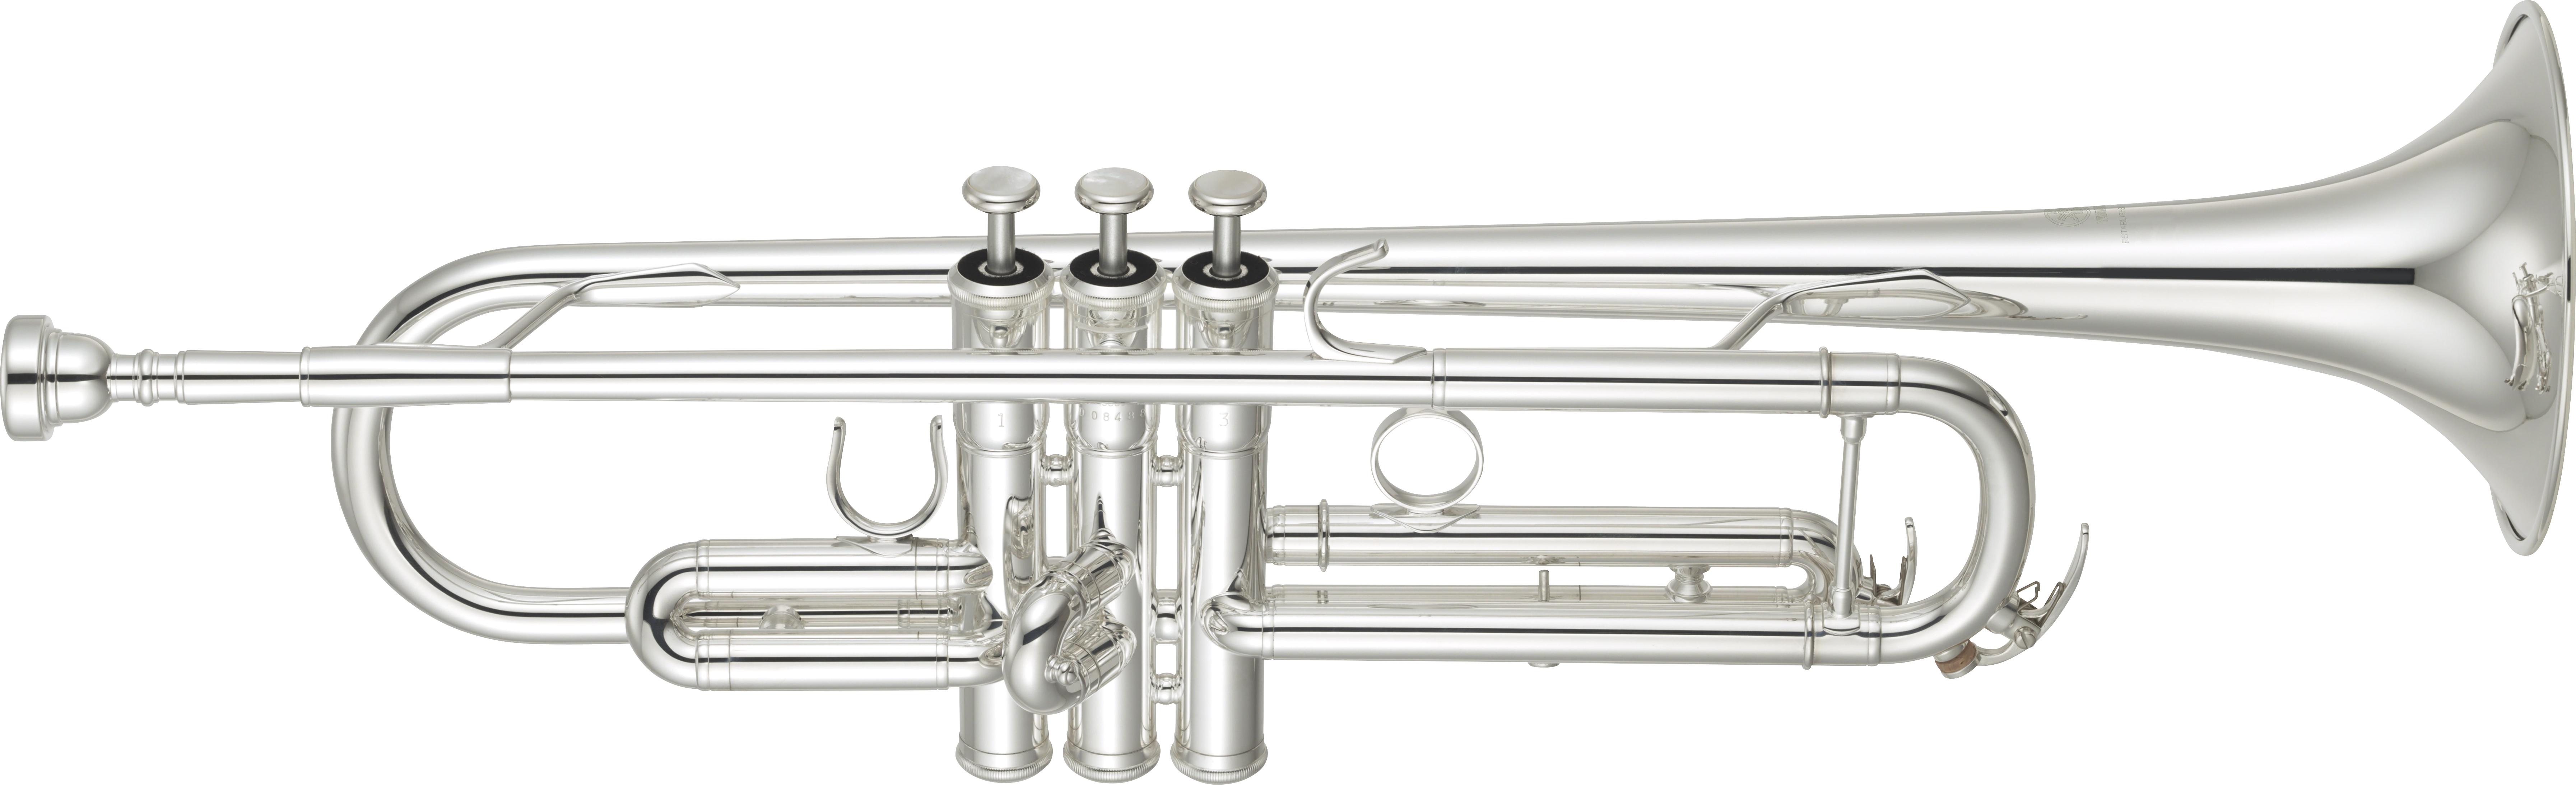 管楽器トランペットYAMAHA YTR-5335GSIILSE 島村楽器コラボモデル